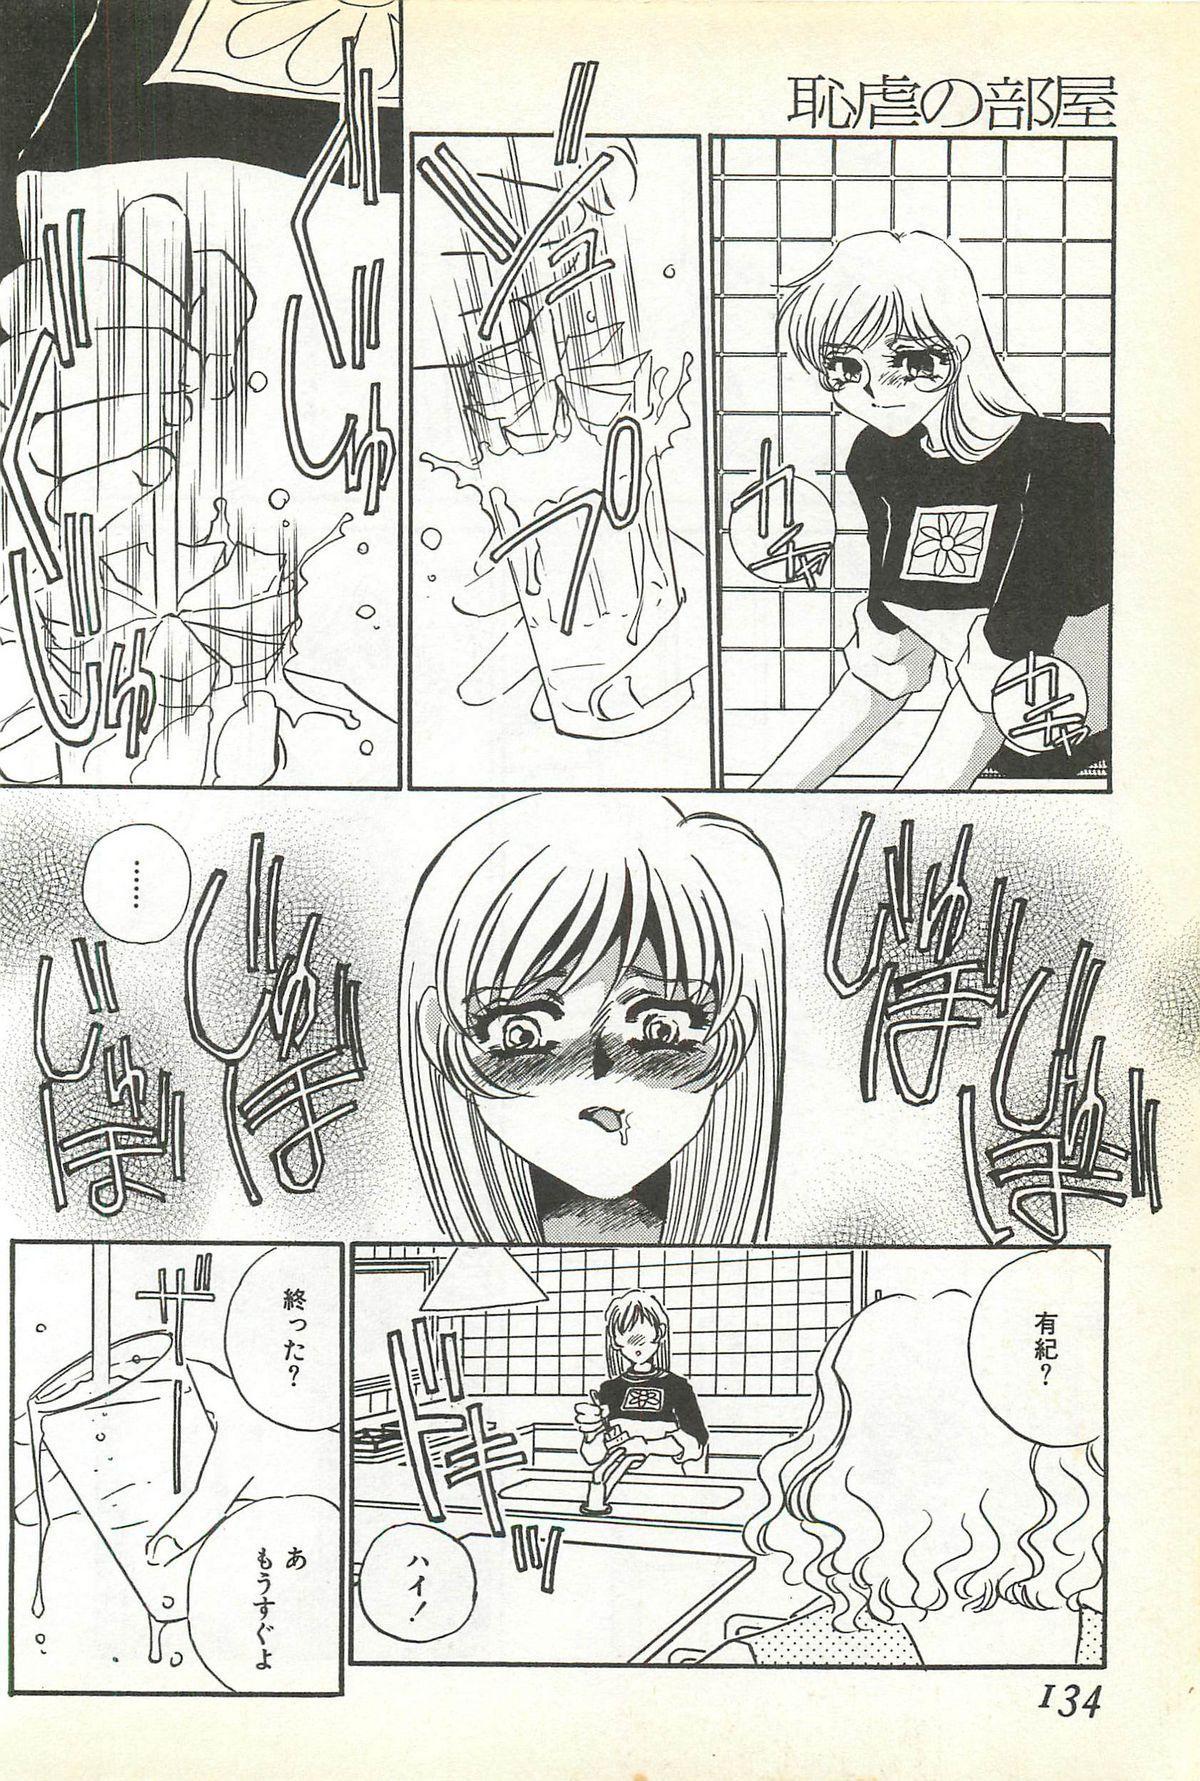 Chigyaku no Heya - A Shameful Punishment Room 129